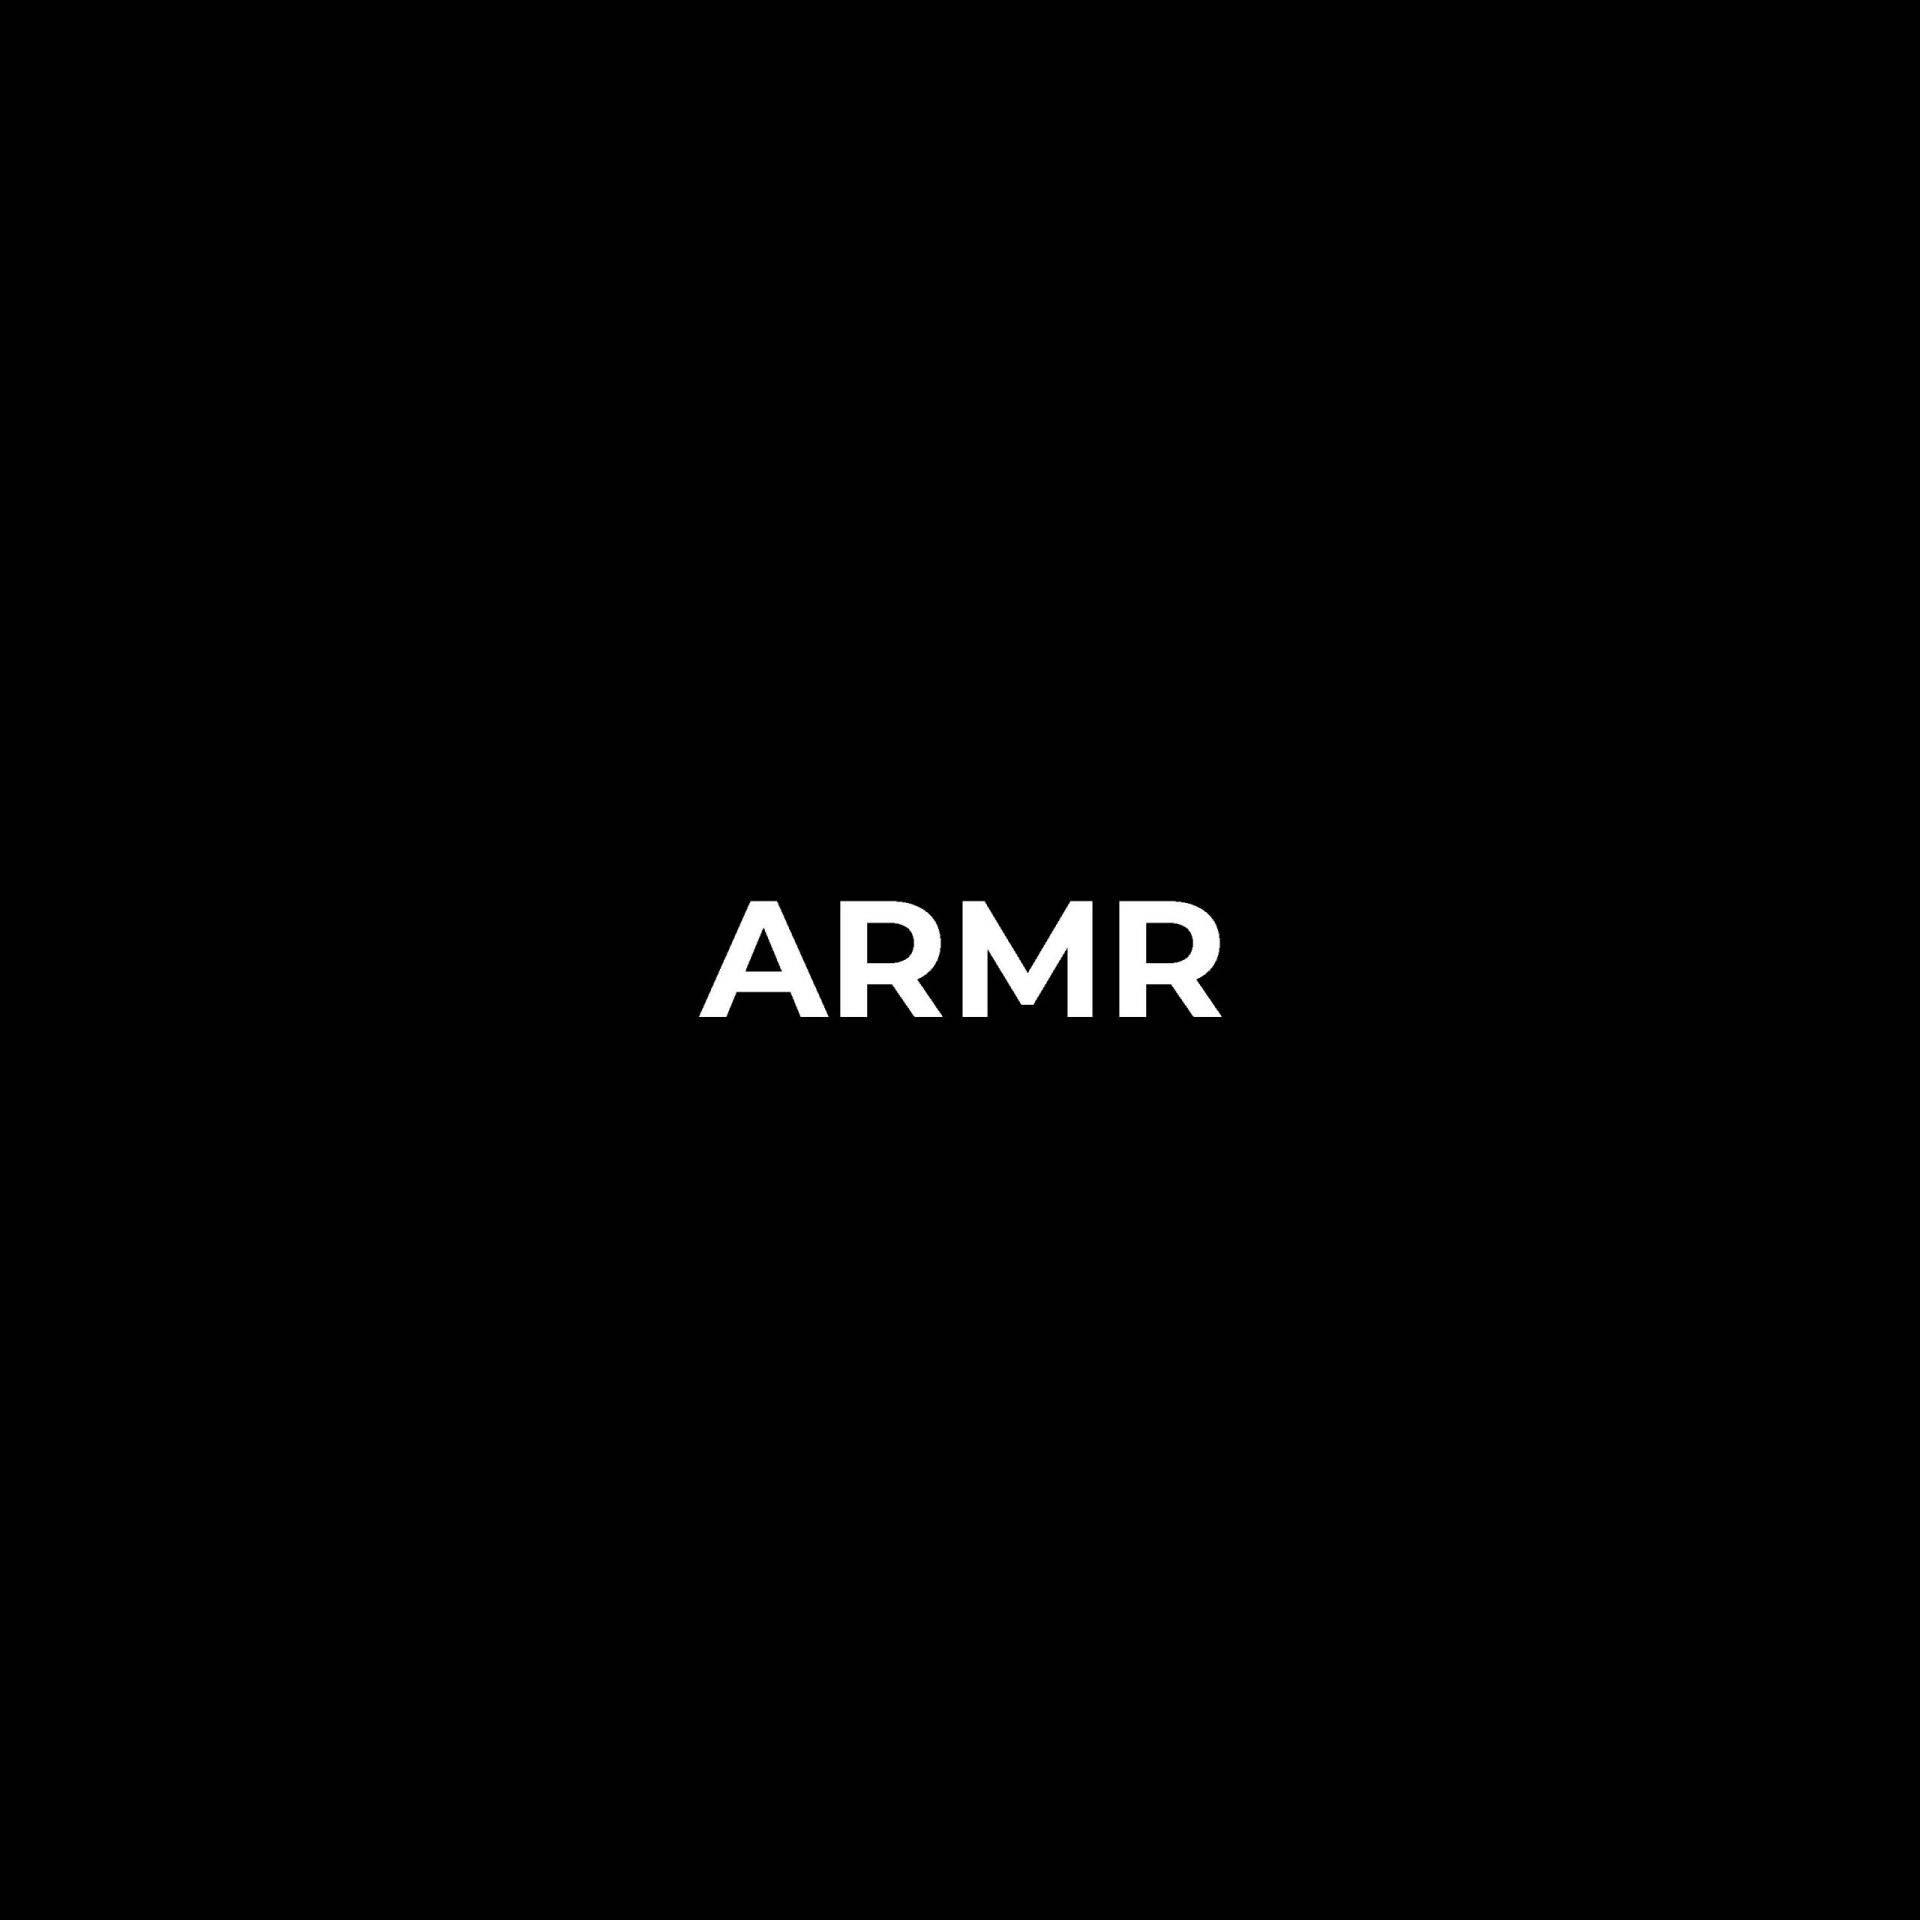 armr music producer